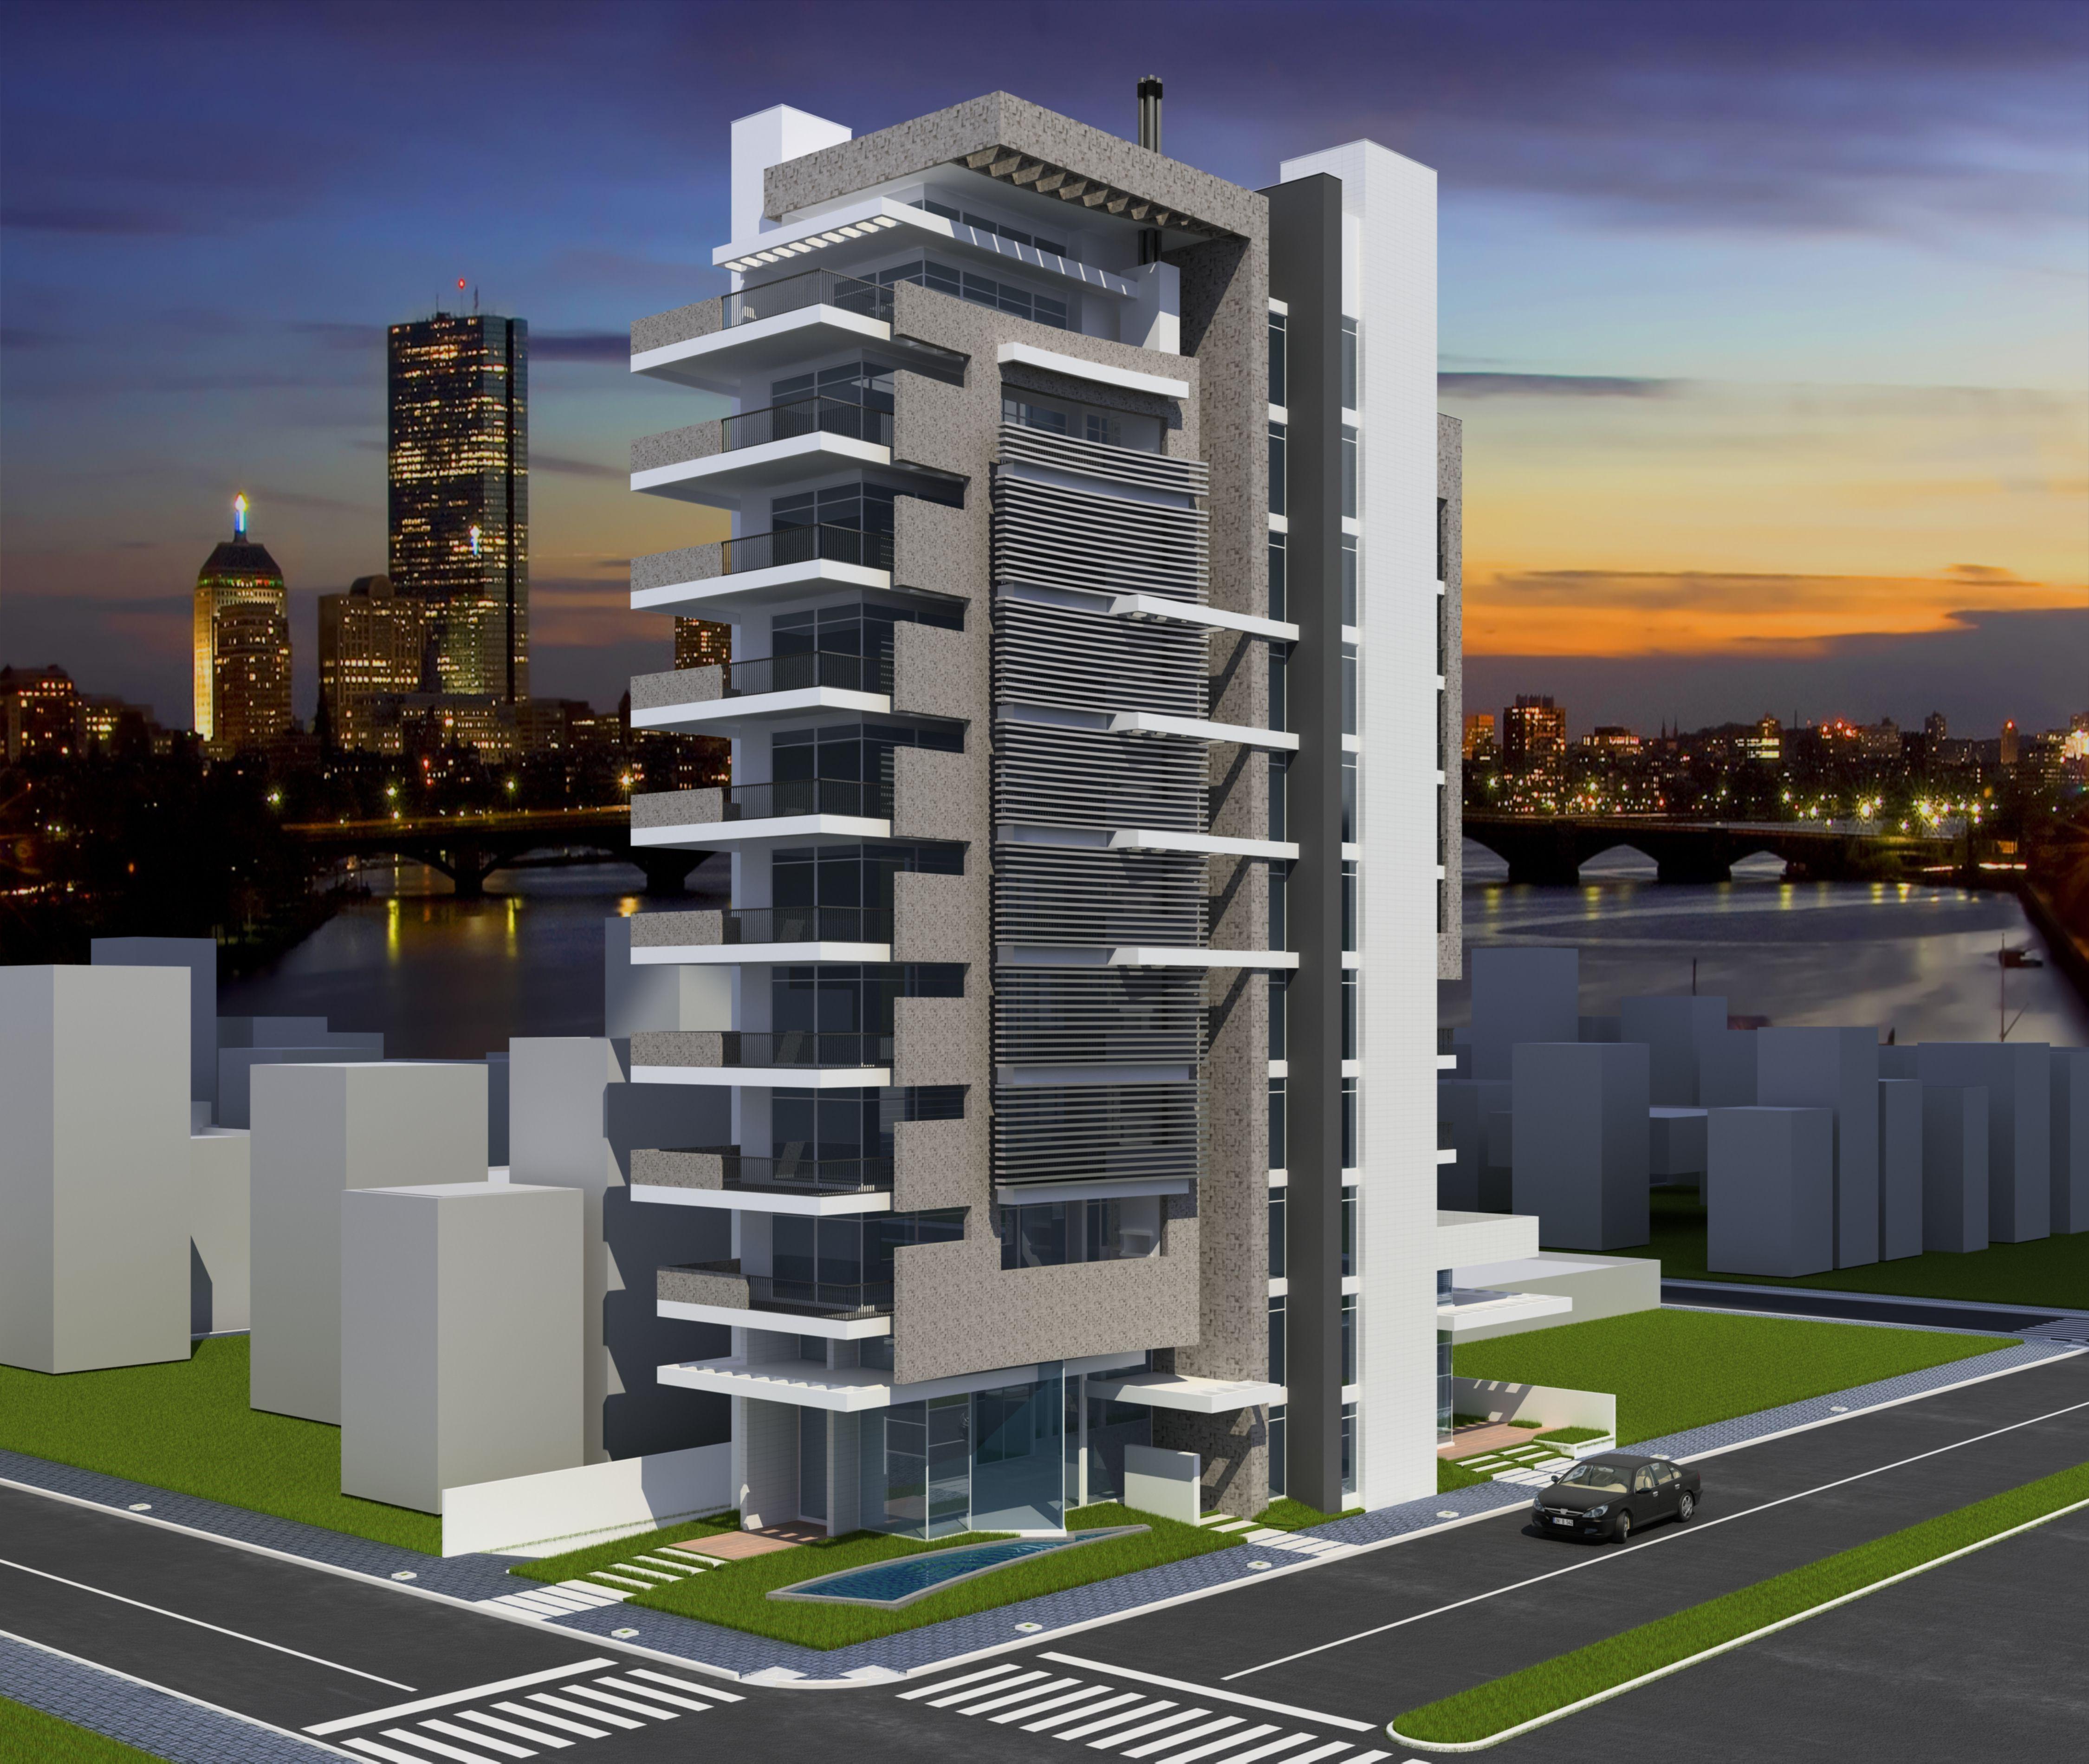 d7ec3d693ea Edifício Residencial e Comercial em Toledo - Pr.